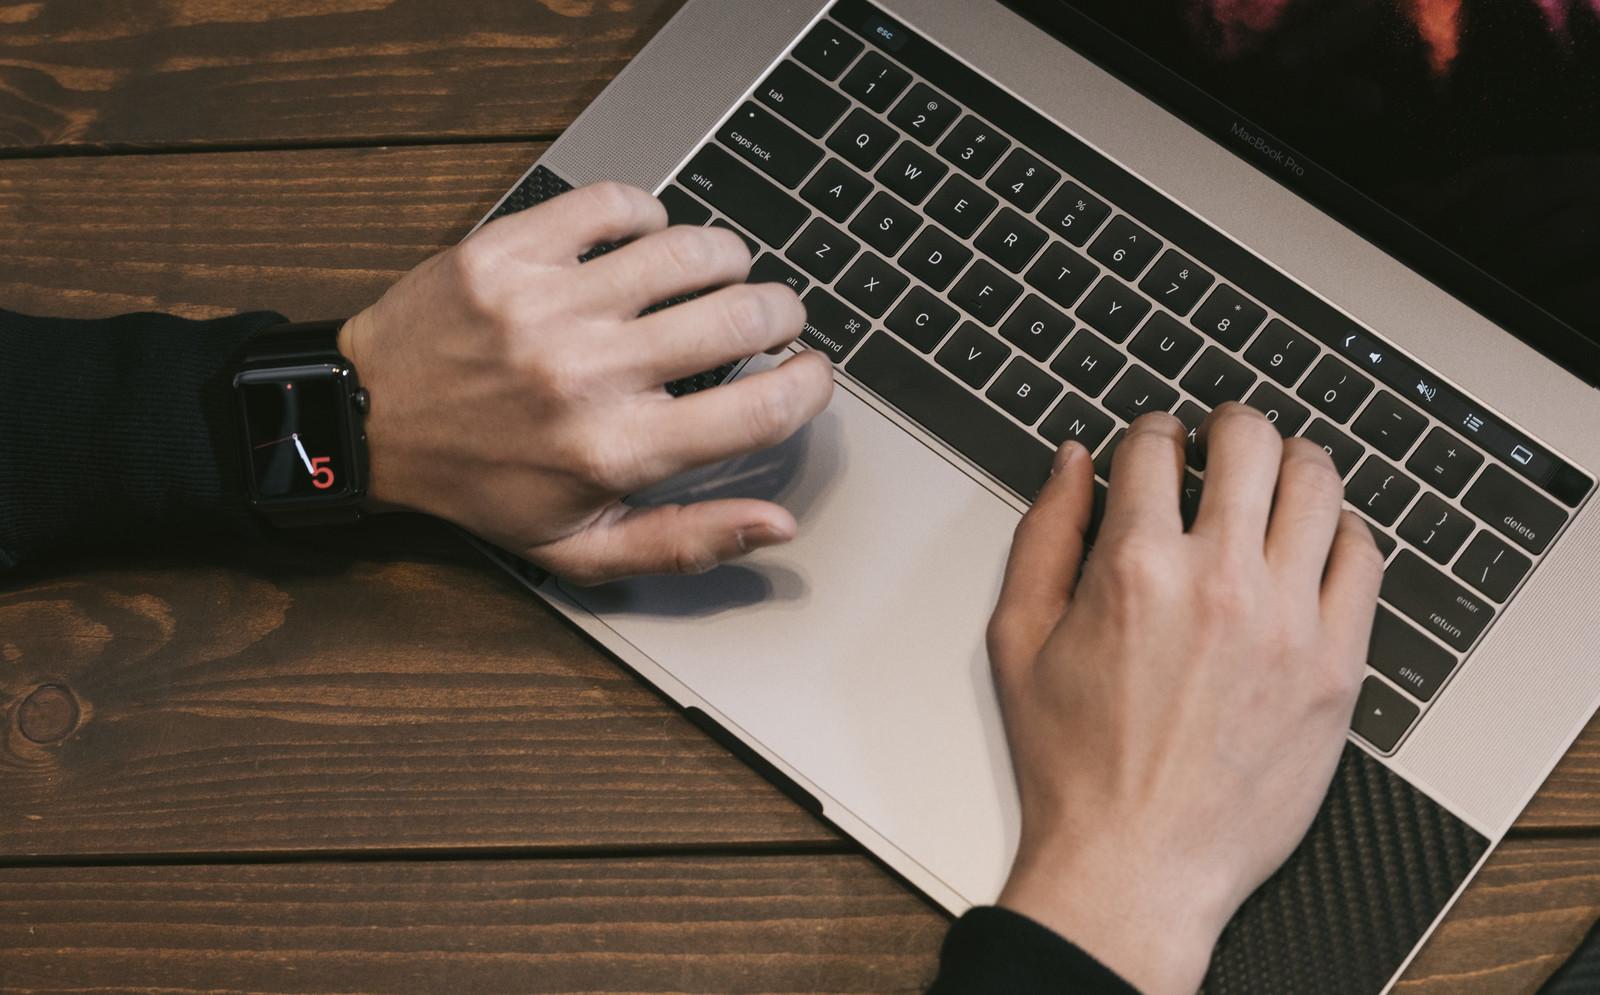 ブログ用ノートパソコンならコレ!!安価で超小型なのに高スペック!